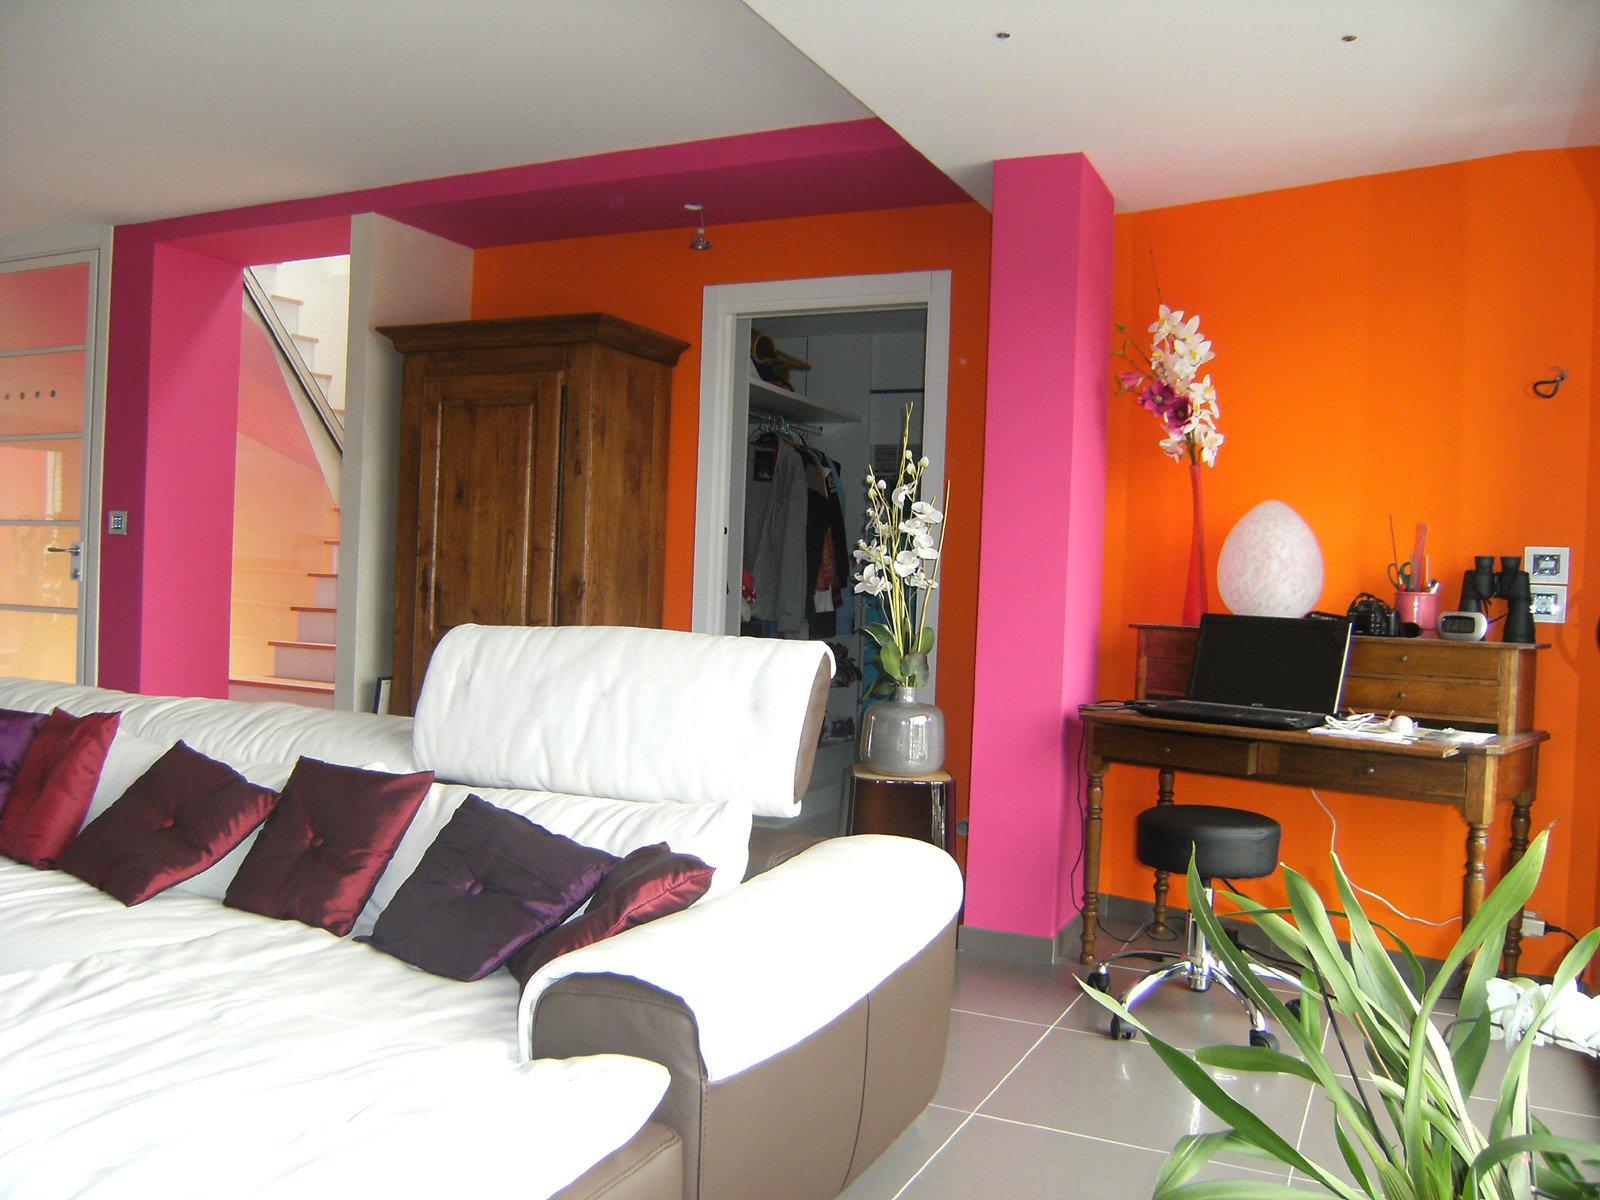 Peinture et décoration de l'intérieur d'une maison en orange et rose par ROGER SAS en Loire Atlantique